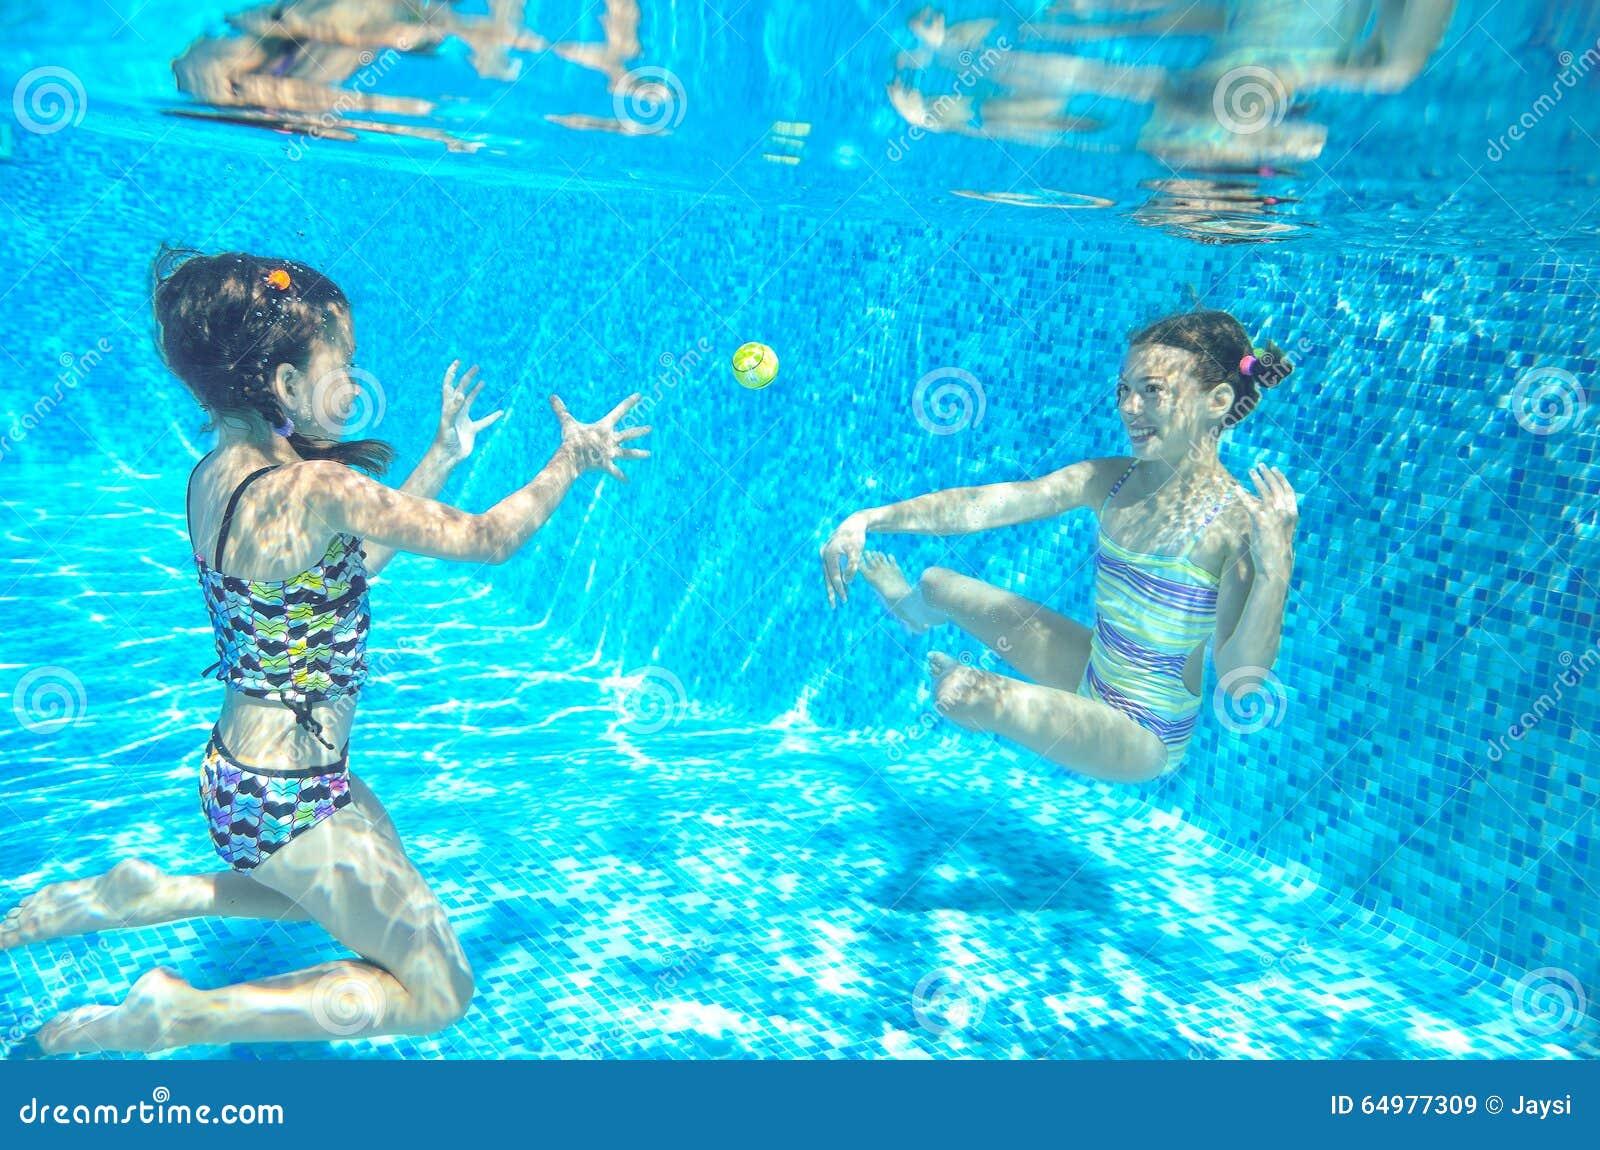 Children swim in pool underwater, happy active girls have fun under water, kids sport